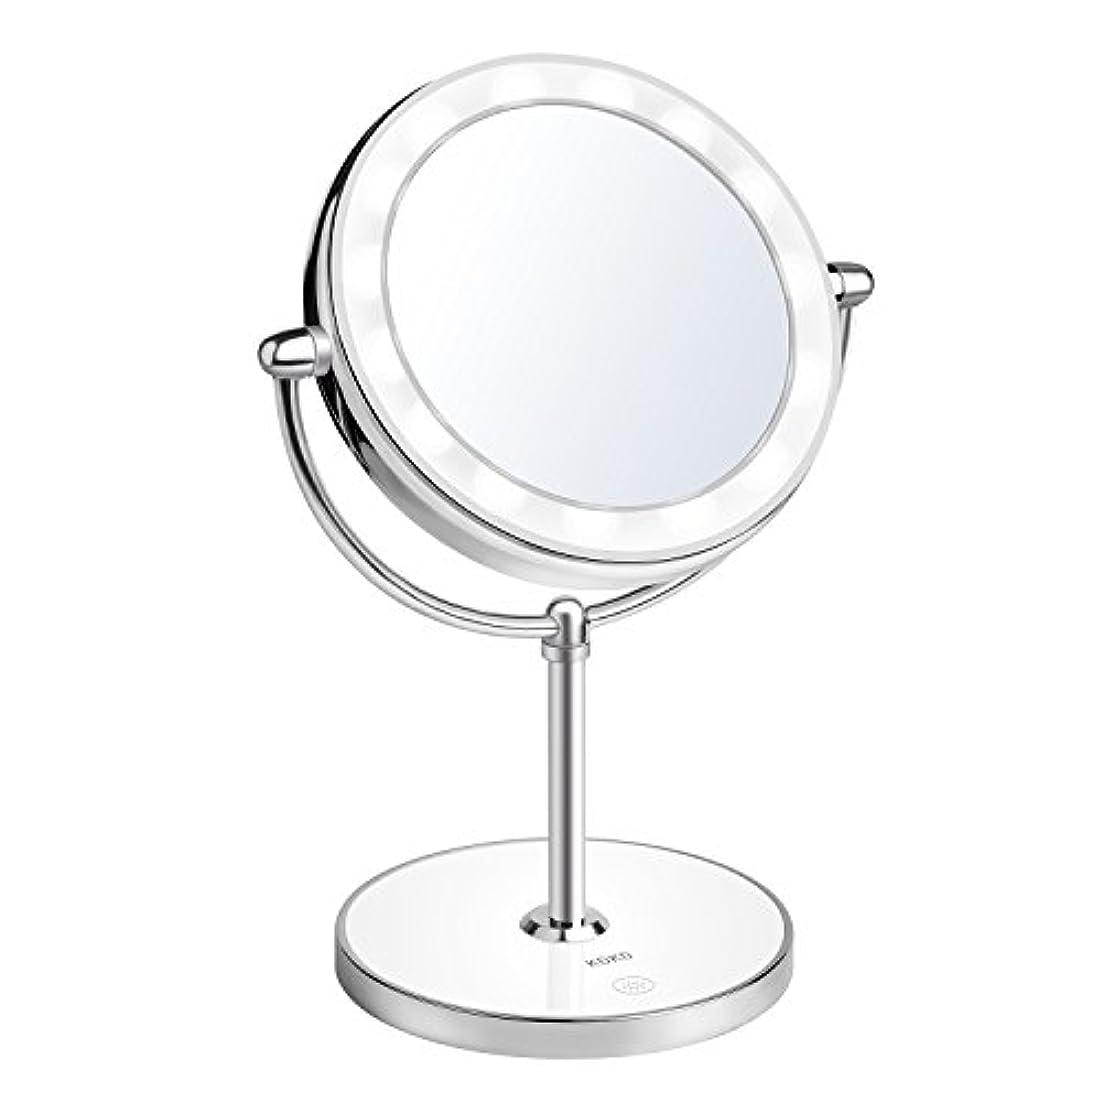 カタログユニークな地中海KDKD LED光る ライト付き化粧鏡 回転式 1X 及び7倍率ミラー タッチ制御で調光可能 ライト付きメイクアップミラー コードレス 卓上鏡  スタンドミラー 充電式両面化粧鏡 銀色